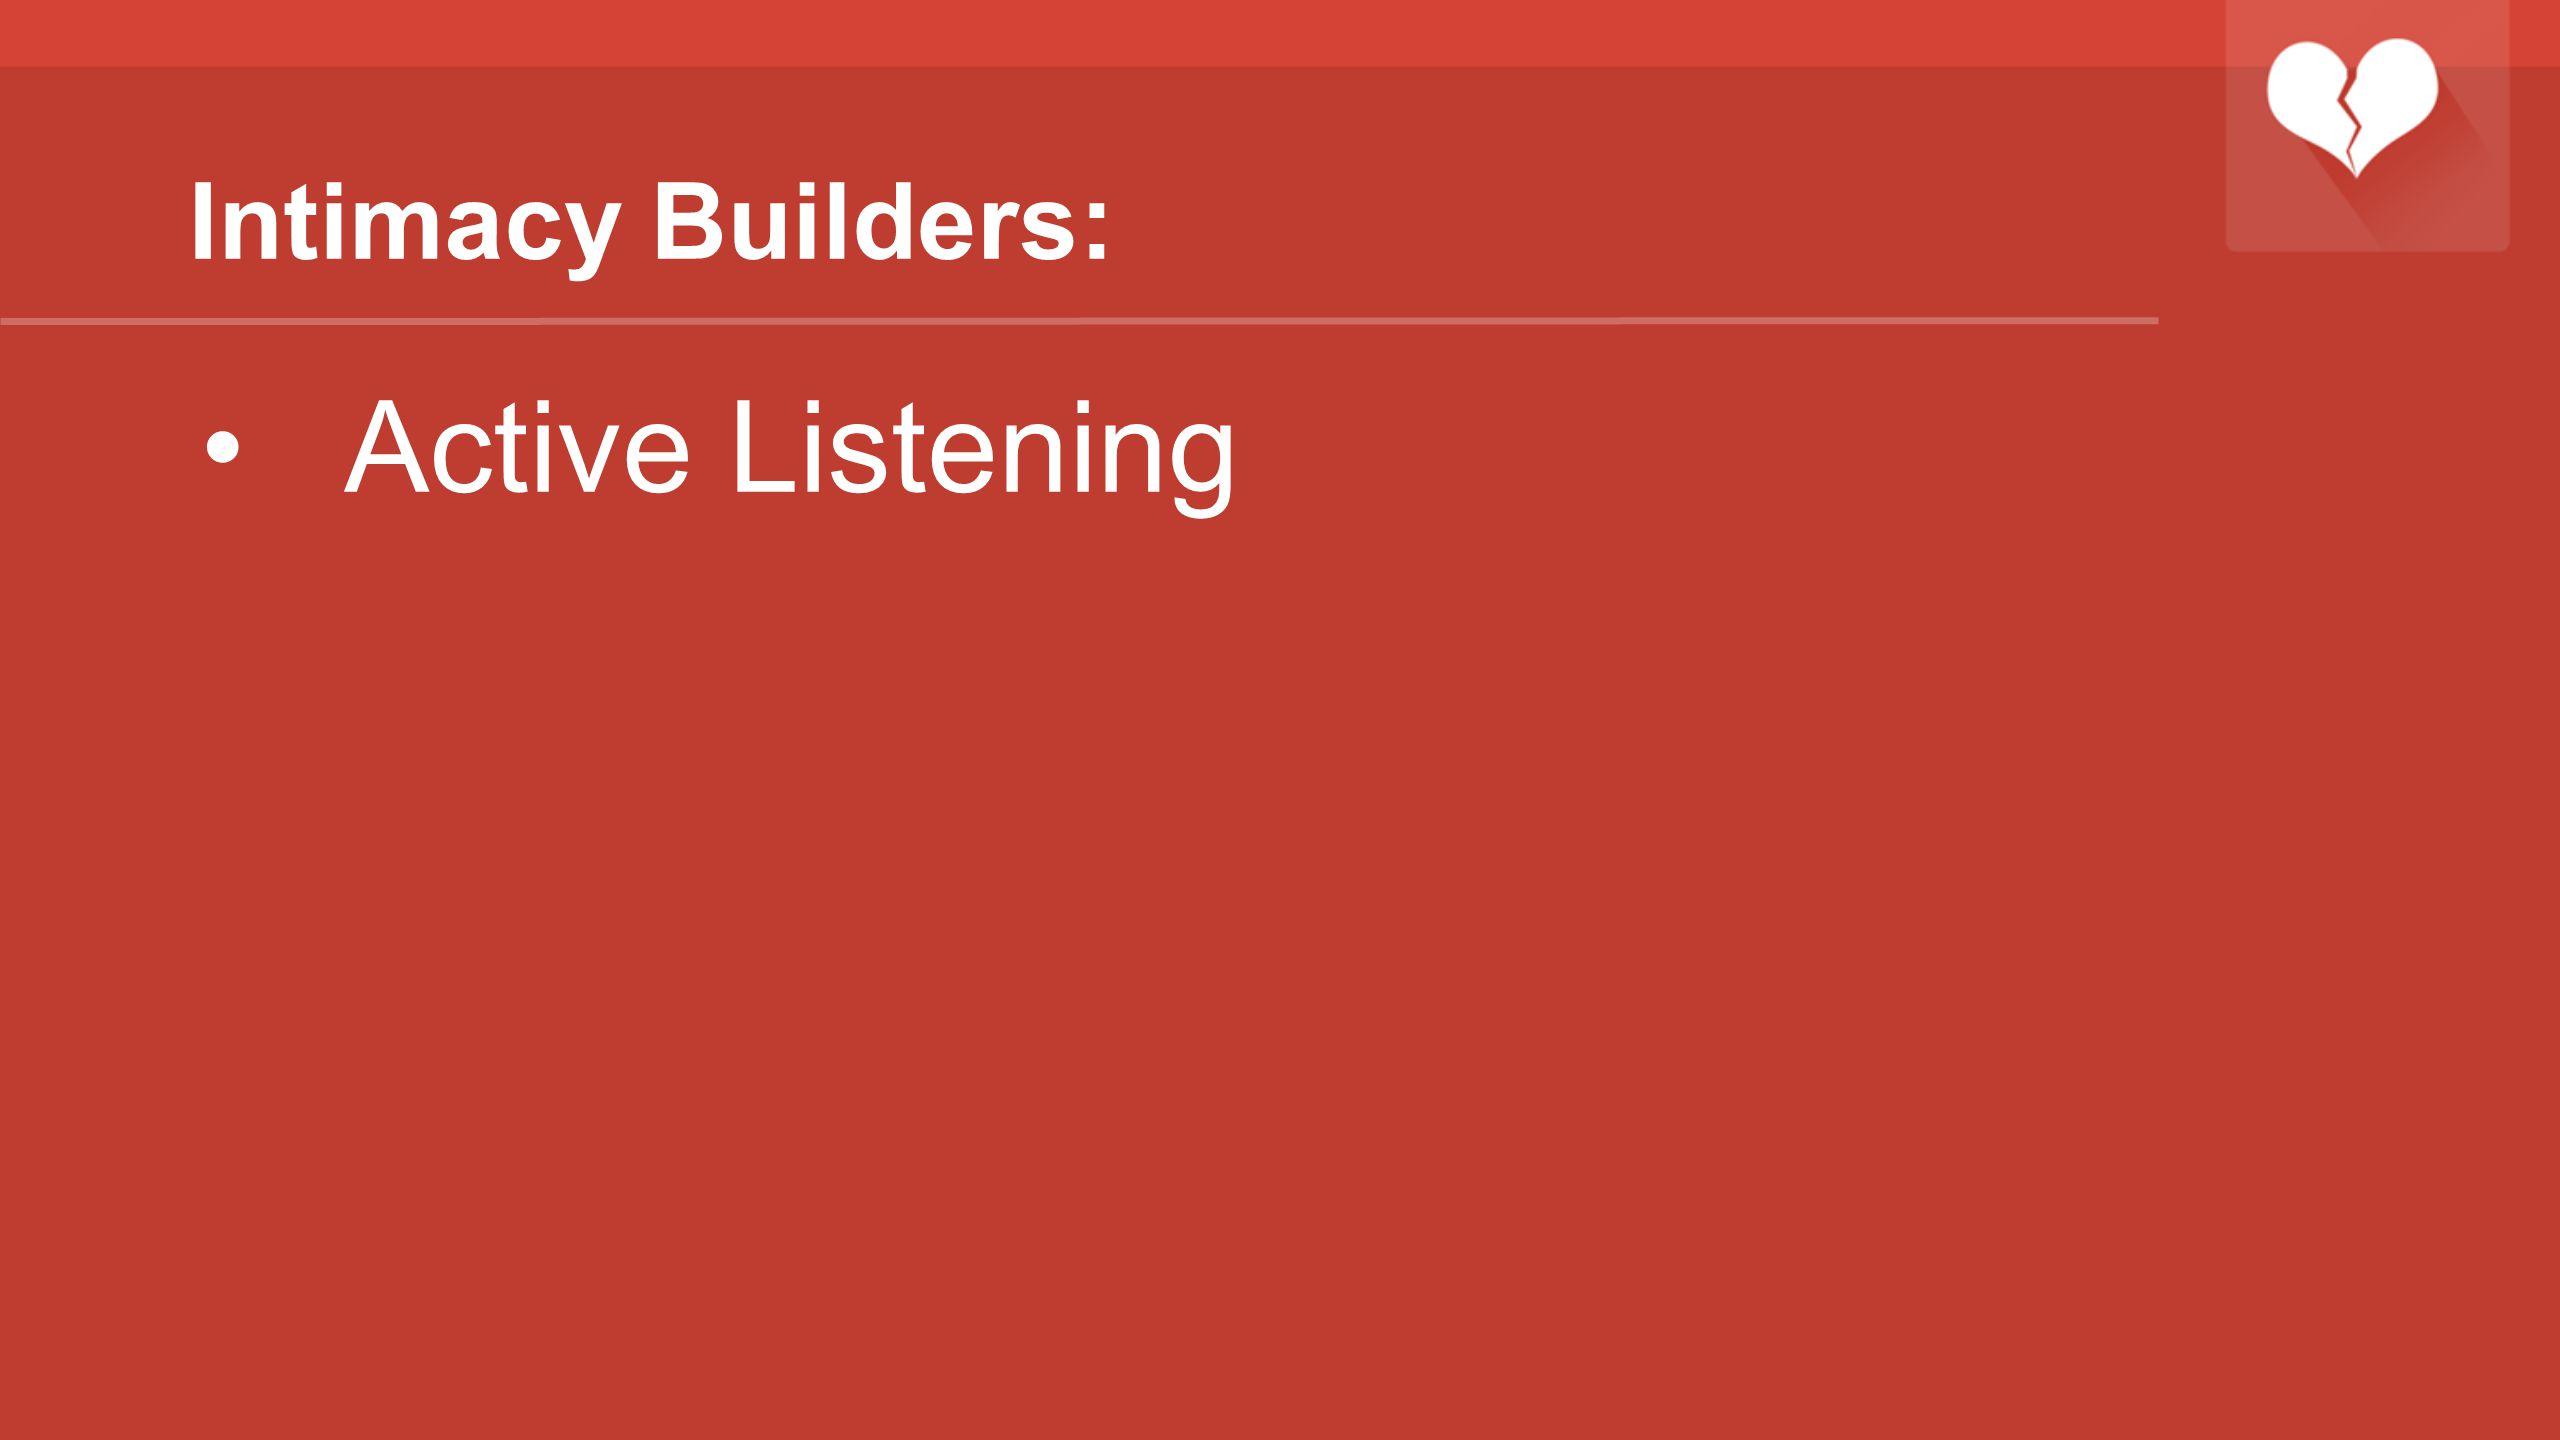 Intimacy Builders: Active Listening